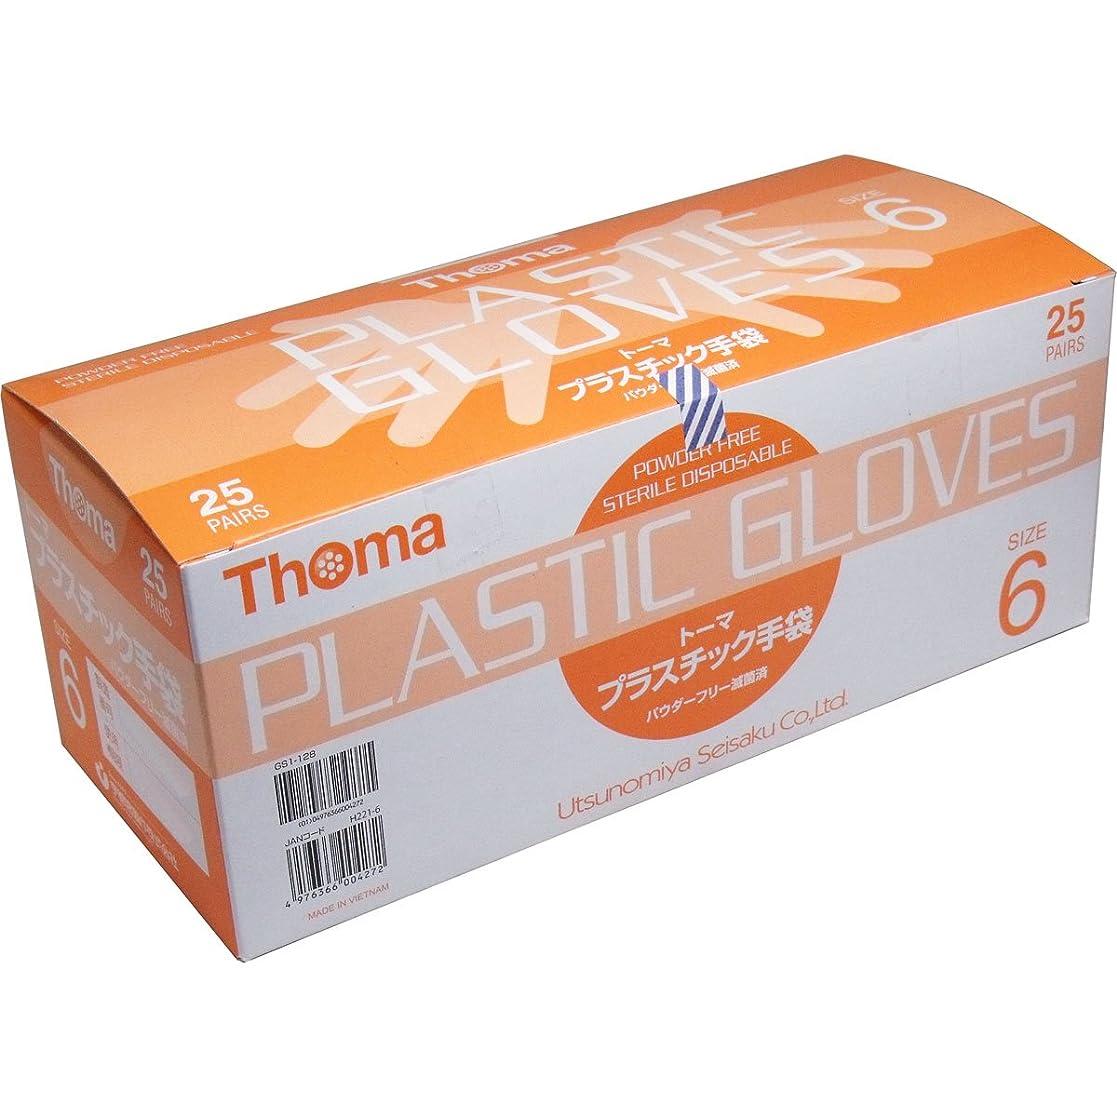 感じテレックス爬虫類トーマ プラスチック手袋 パウダーフリー 滅菌済 サイズ6 25双入